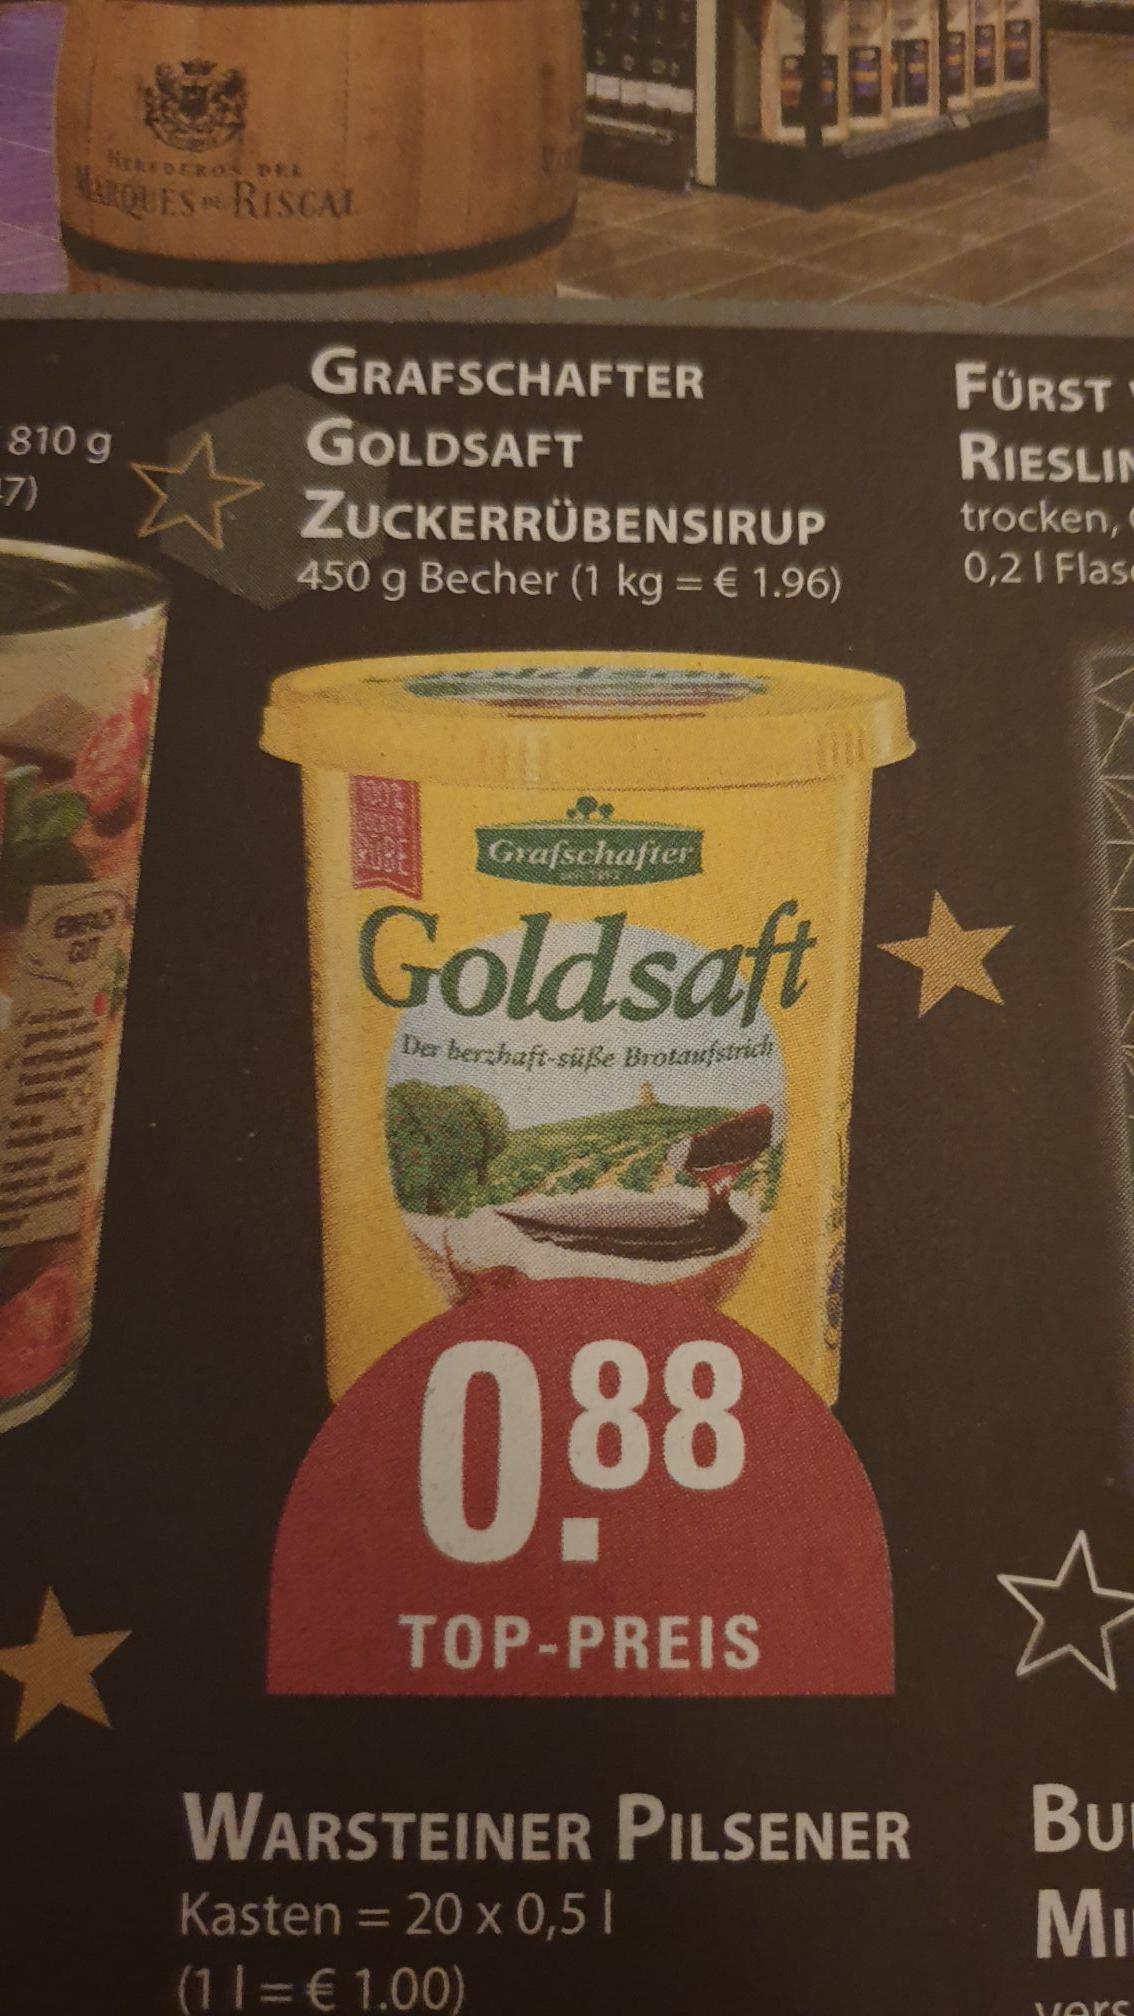 Grafschafter Goldsaft Zuckerrübensirup (Edeka Burkowski in Essen und Bochum)